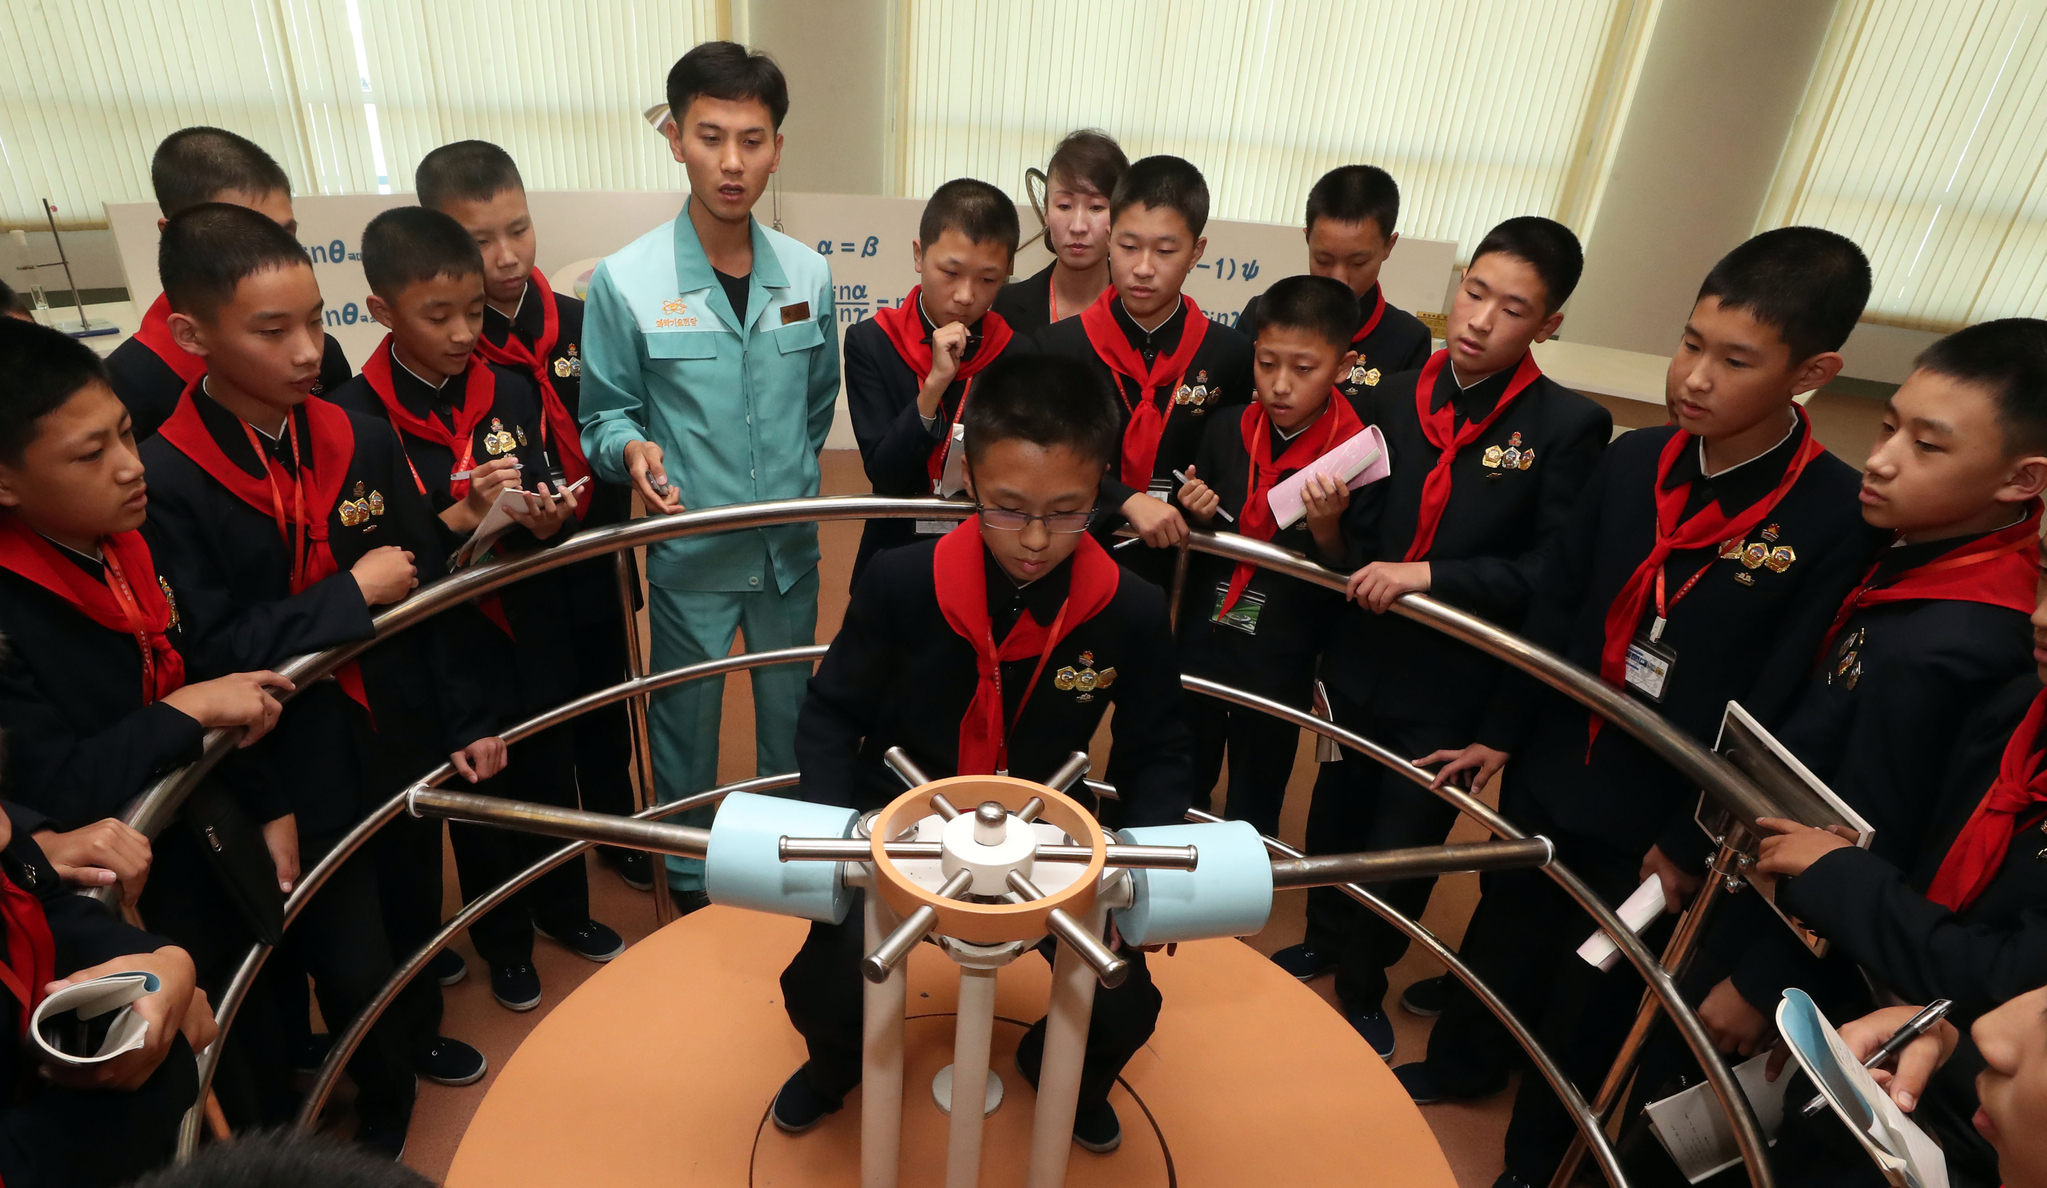 평양 학생들이 지난 4일 오후 평양 과학기술전당에서 체험학습을 하고 있다. 평양사진공동취재단